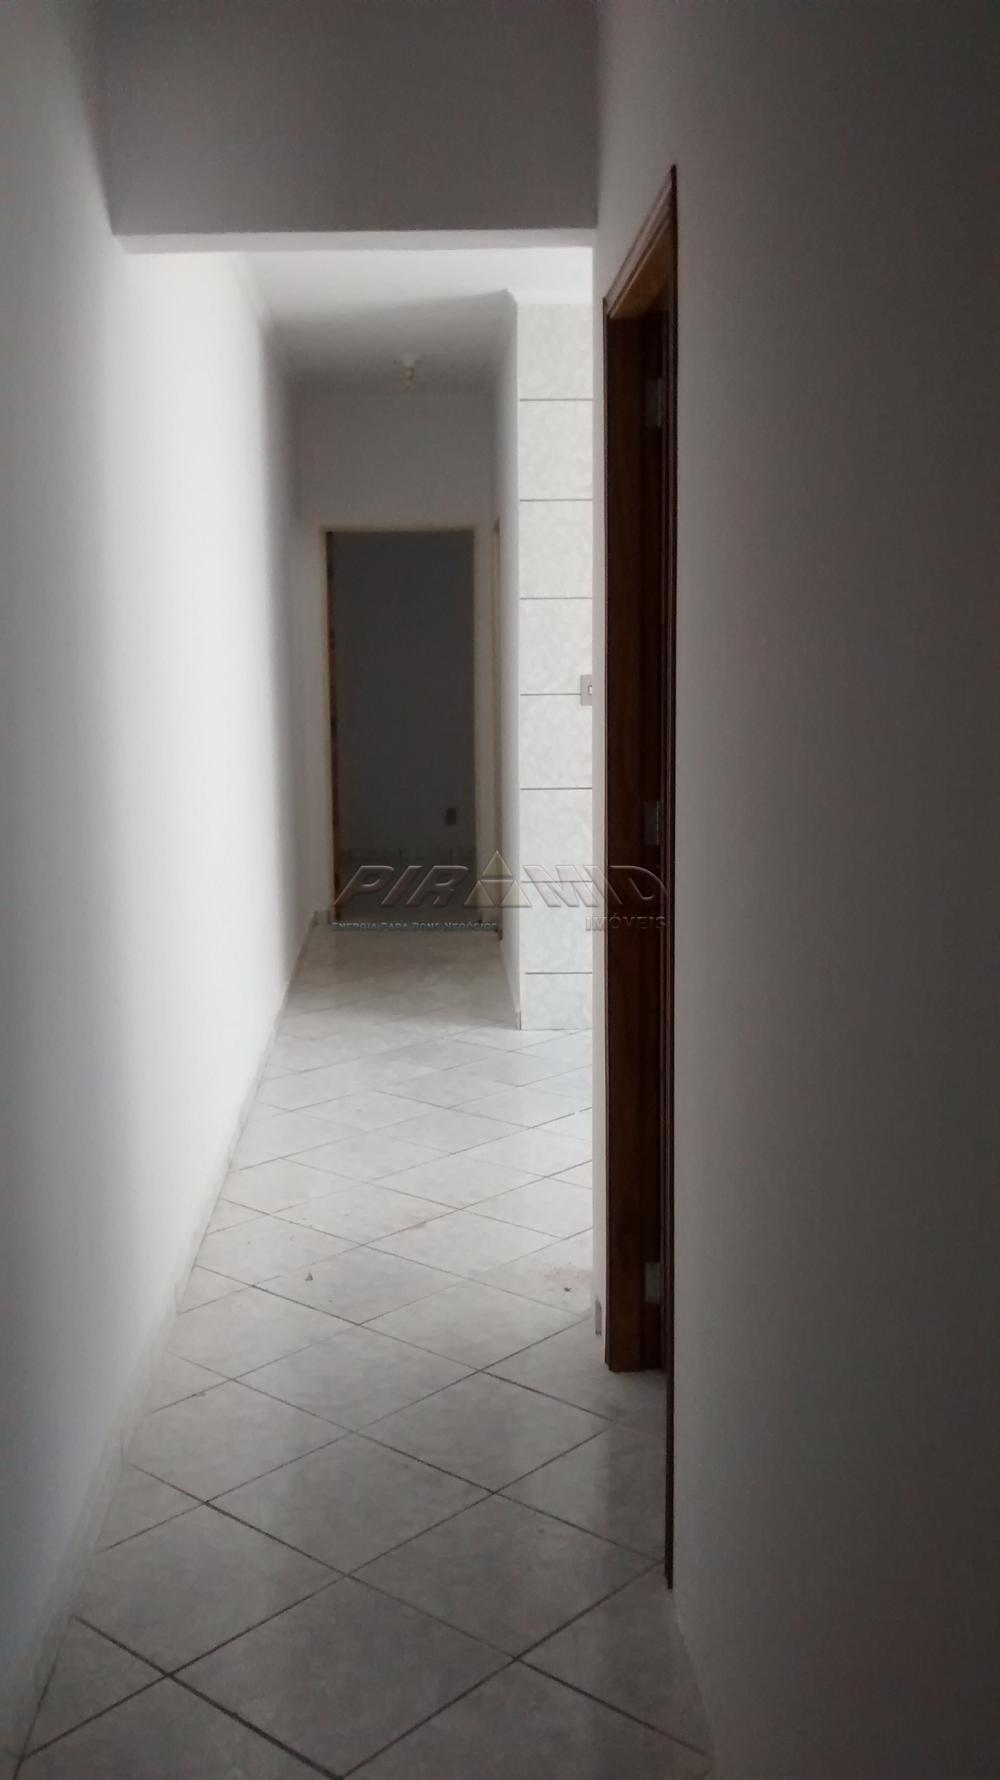 Alugar Casa / Padrão em Ribeirão Preto apenas R$ 890,00 - Foto 13